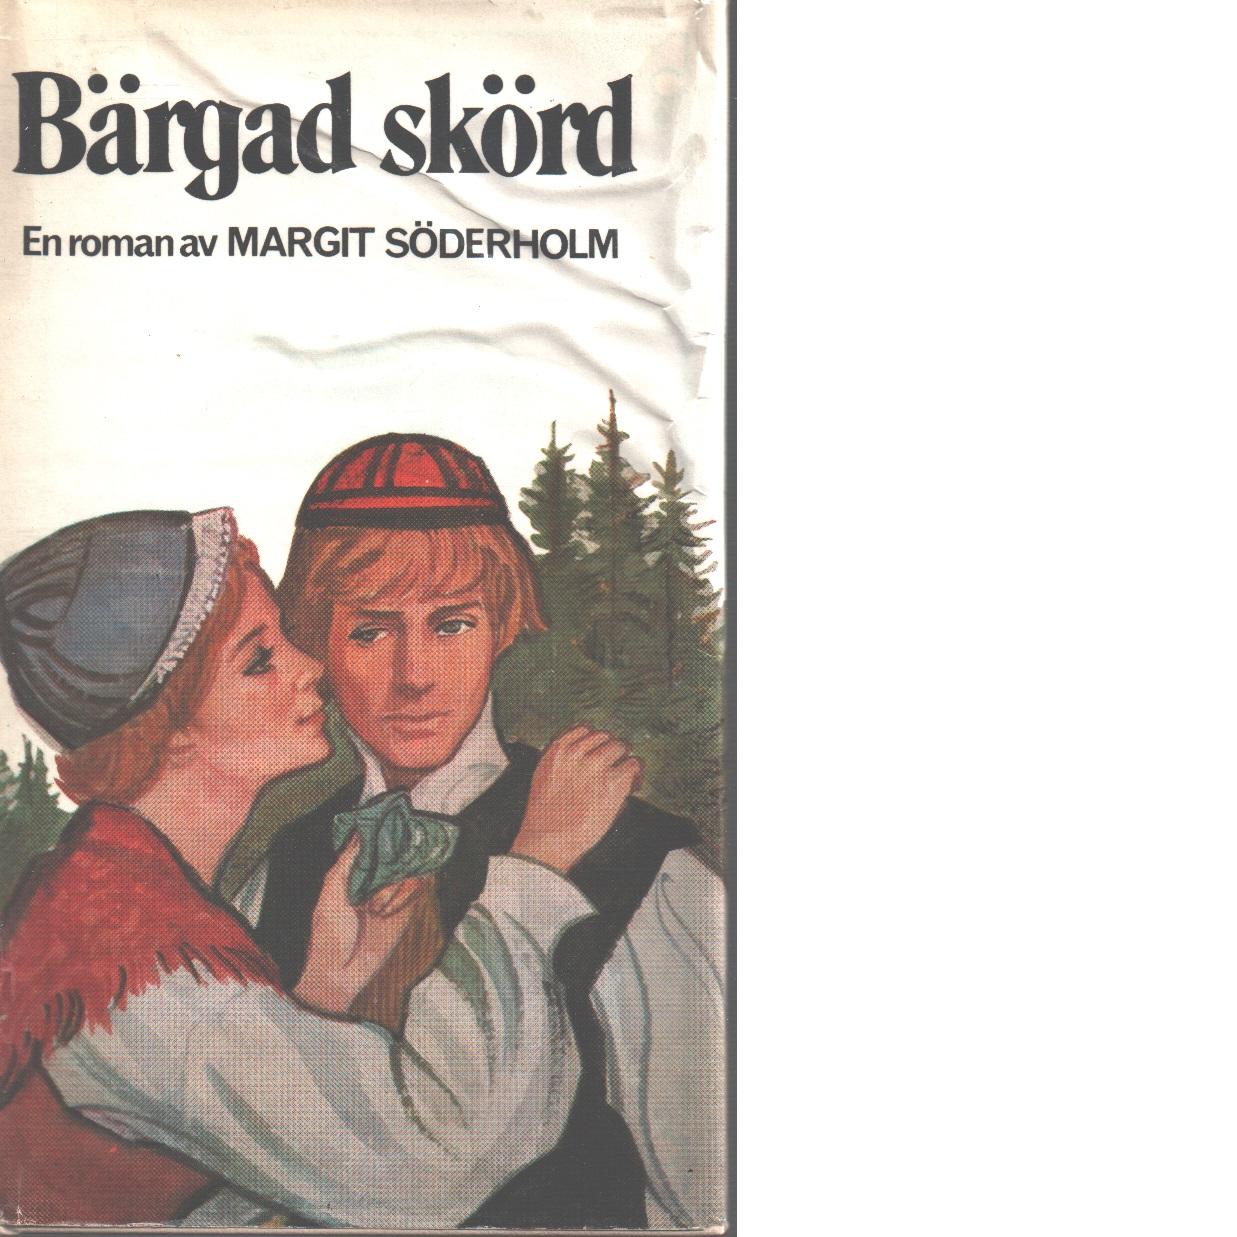 Bärgad skörd - Söderholm, Margit